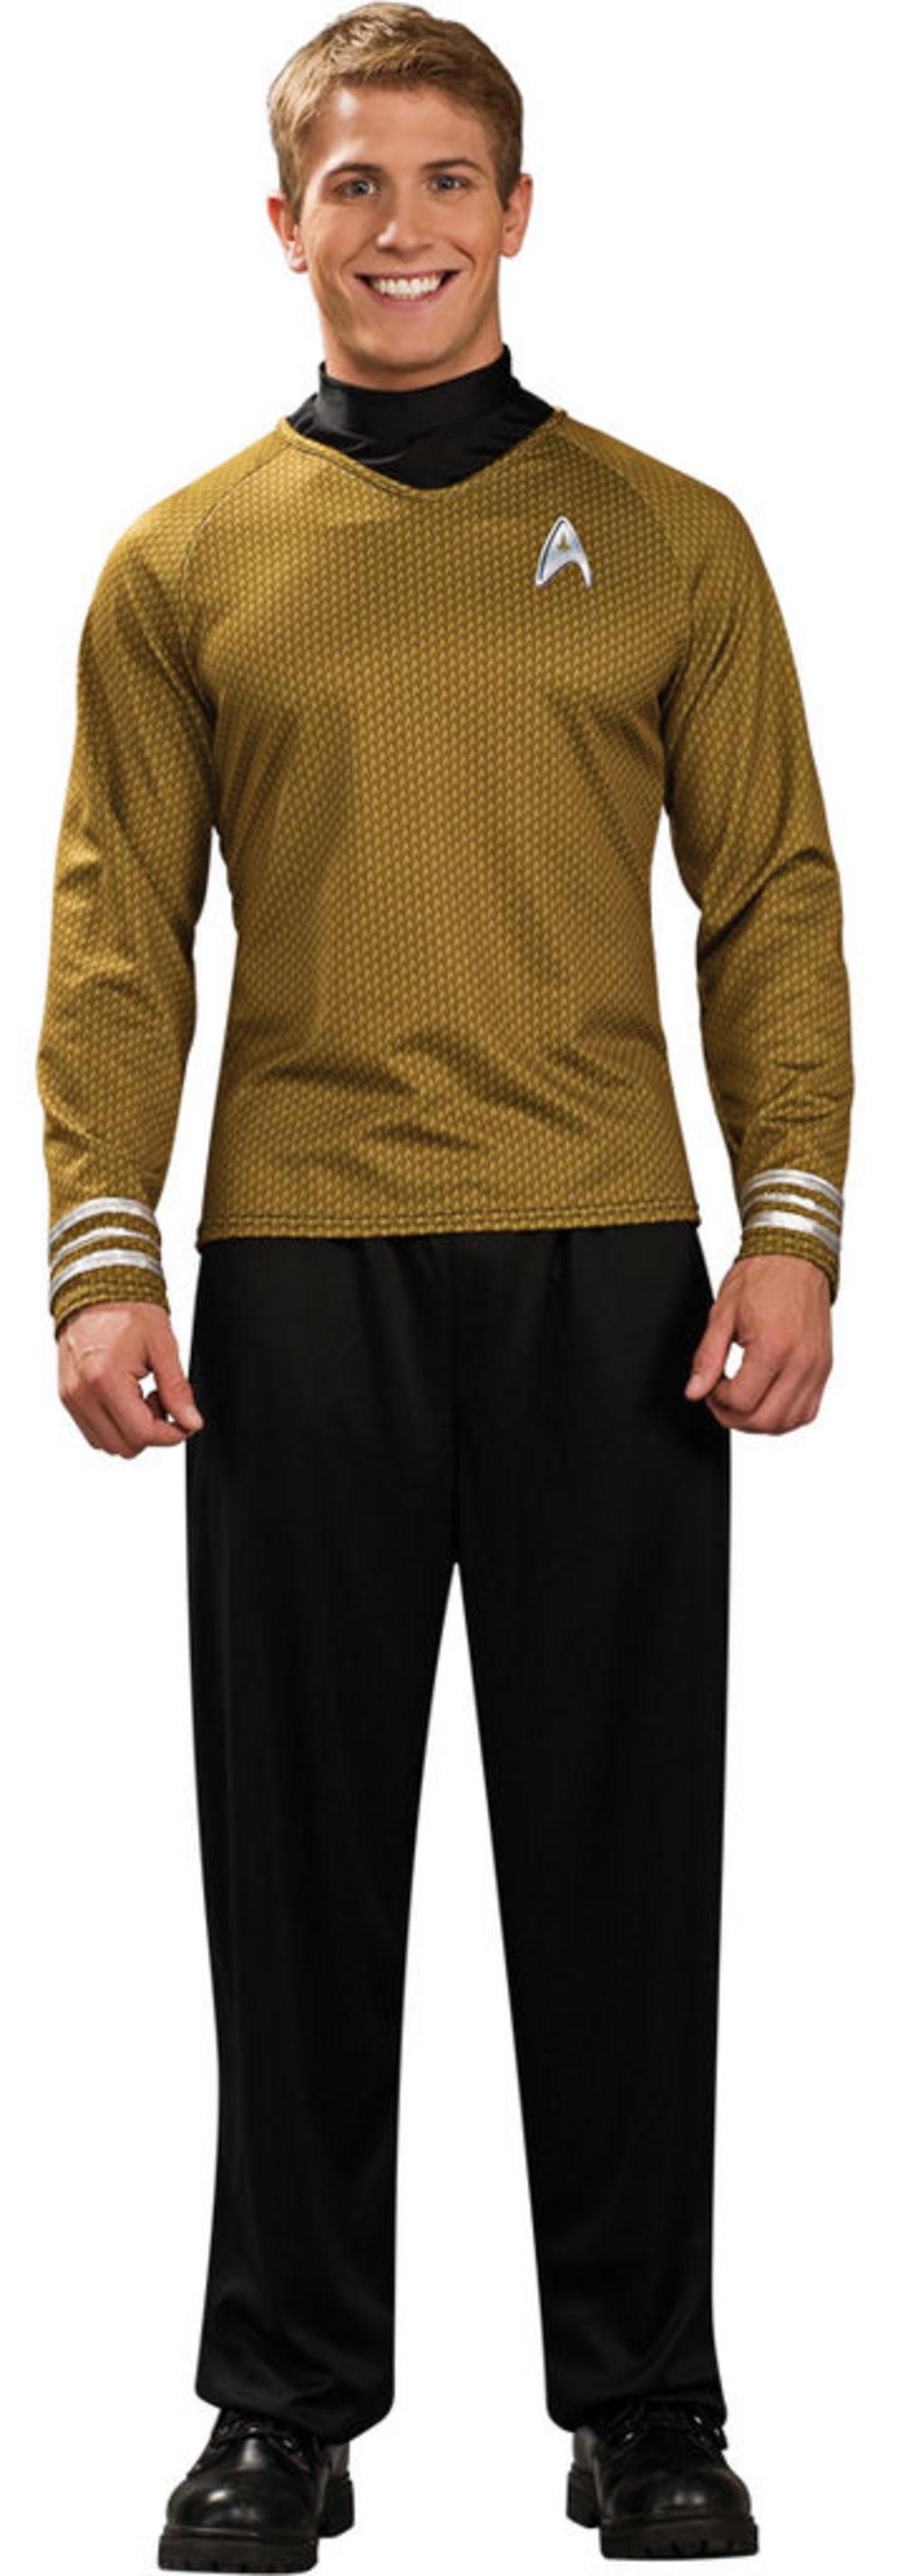 Adults' Gold Star Trek Shirt